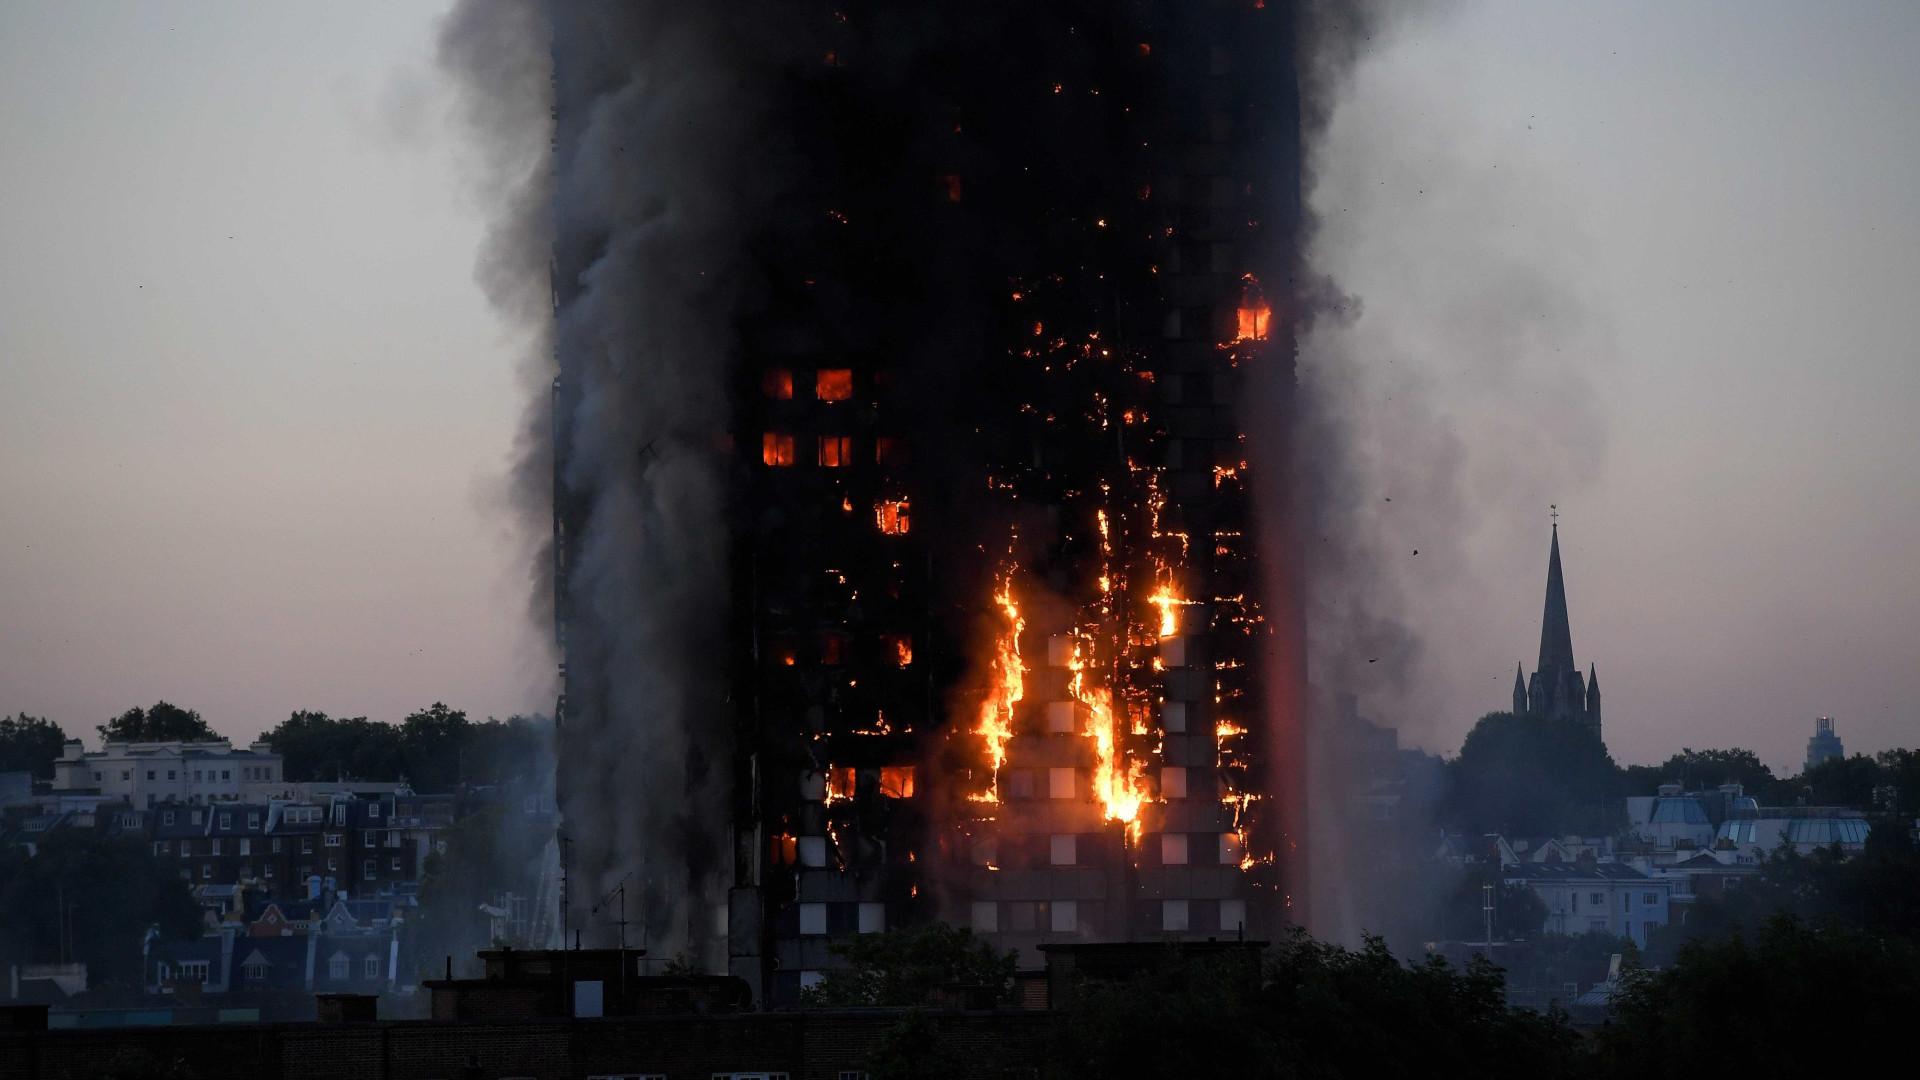 Incêndio em Londres deixa ao menos 6 mortos e 50 feridos